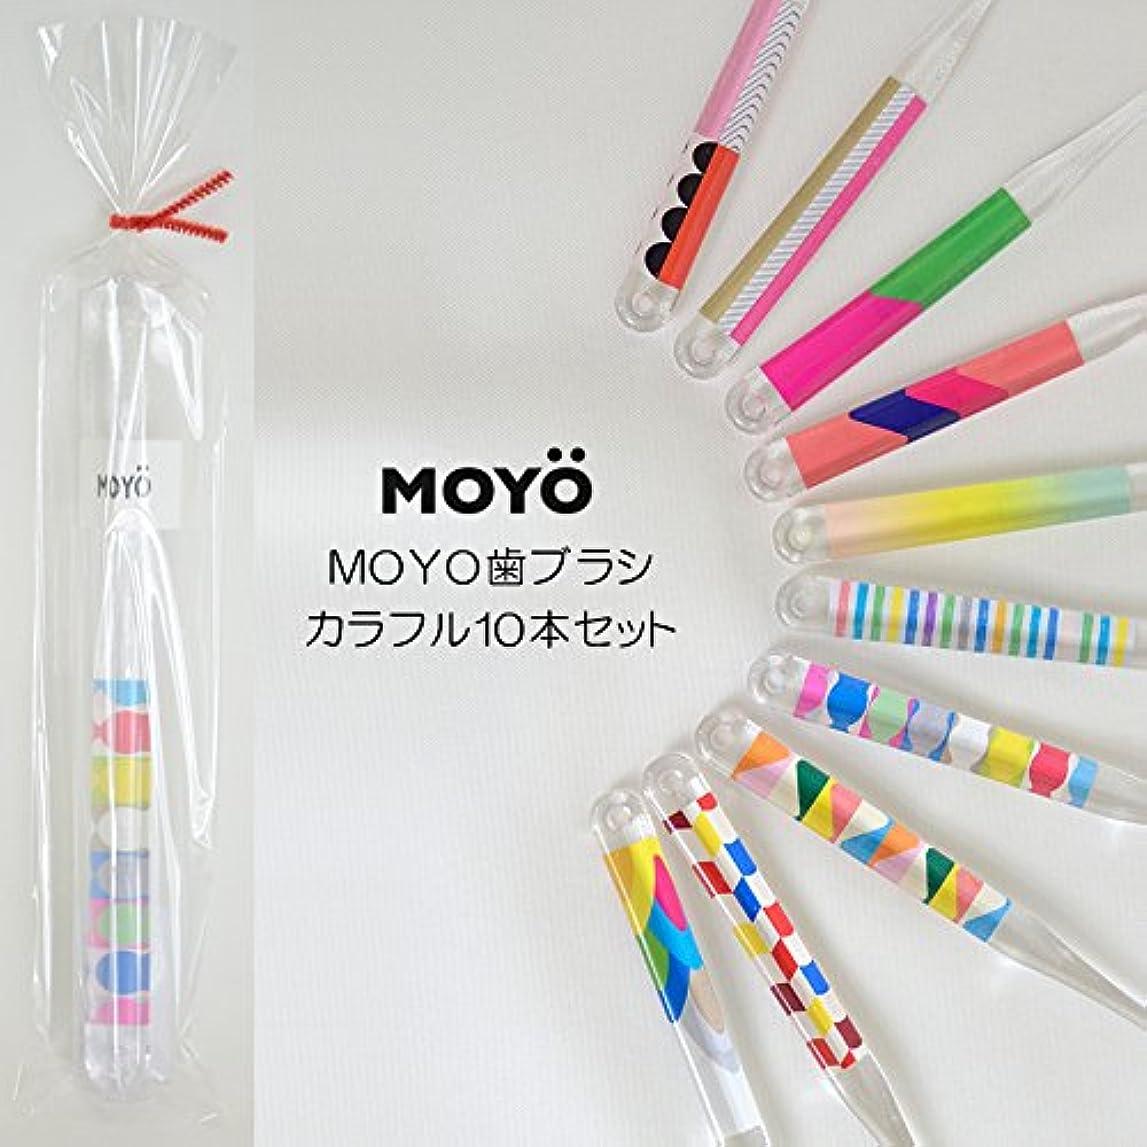 入射ビーチ自分を引き上げるMOYO モヨウ カラフル10本 プチ ギフト セット_562302-colorful 【F】,カラフル10本セット